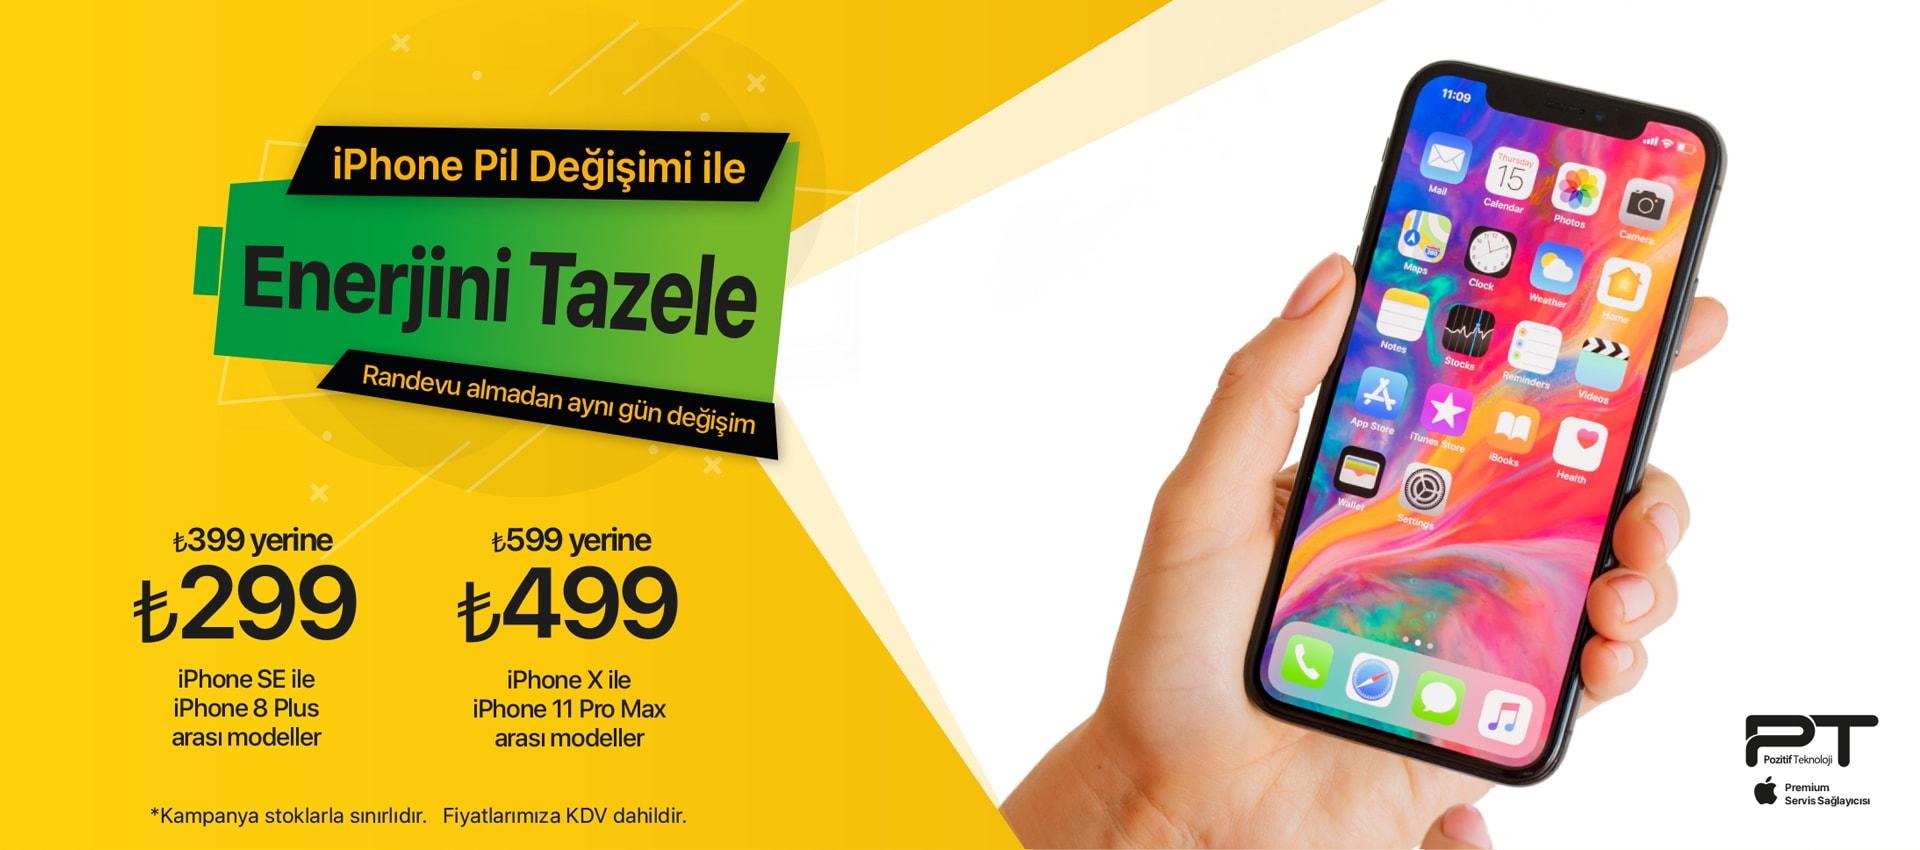 iPhone Pil değişimi Kampanyası